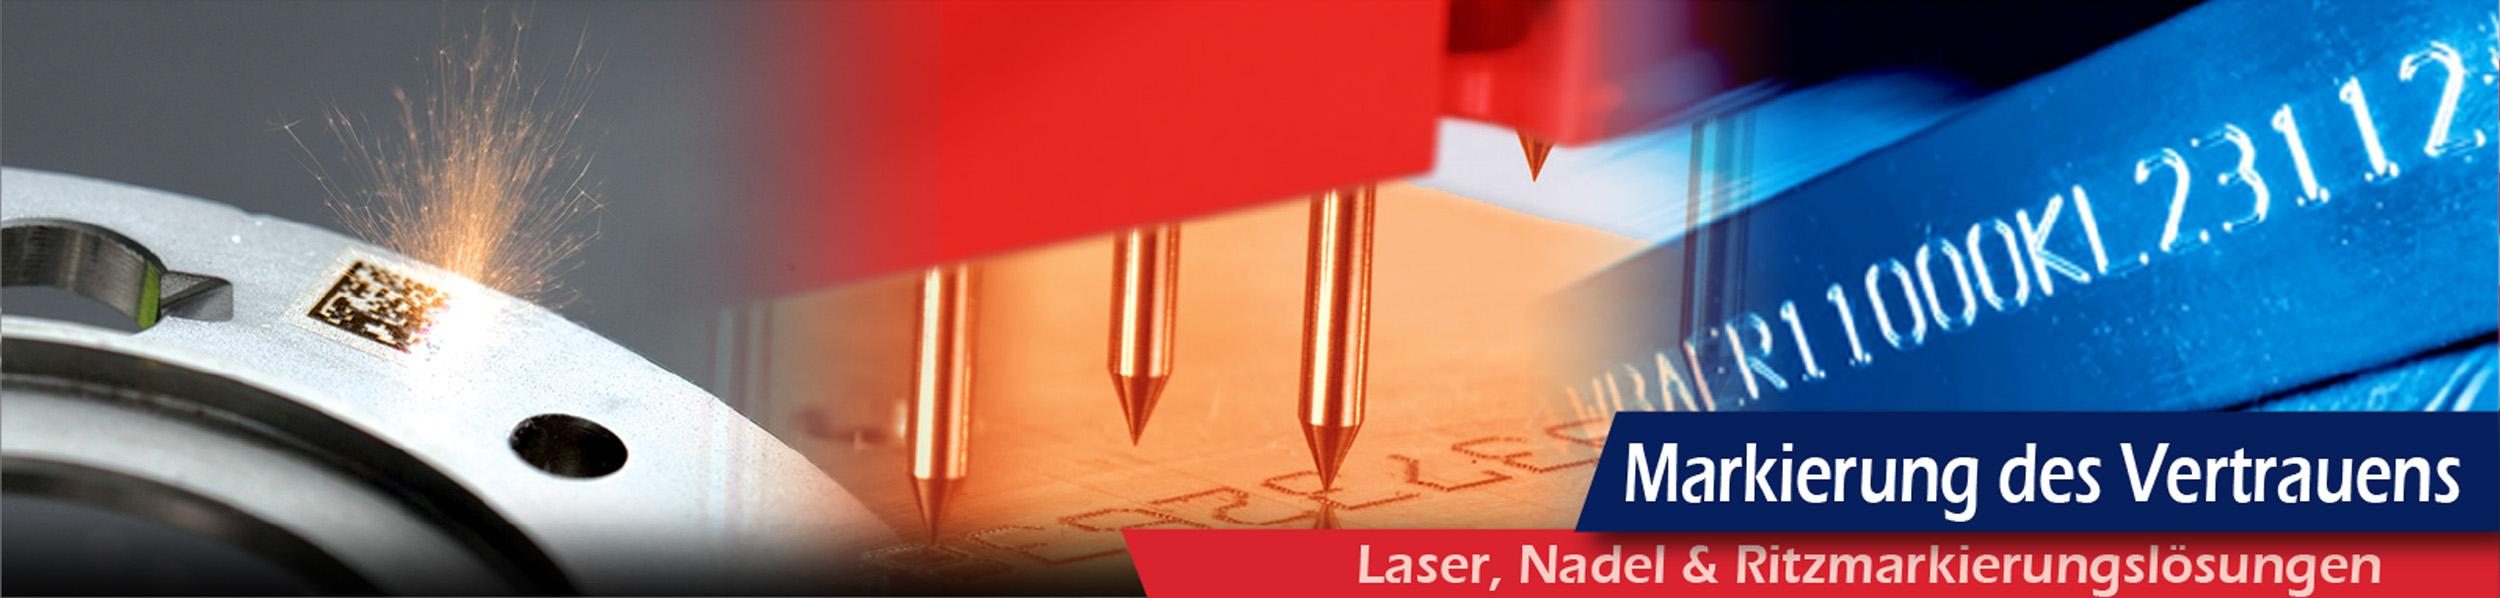 Telesis ist Marktführer bei der Technologie von Produktkennzeichnung und Rückverfolgbarkeit.